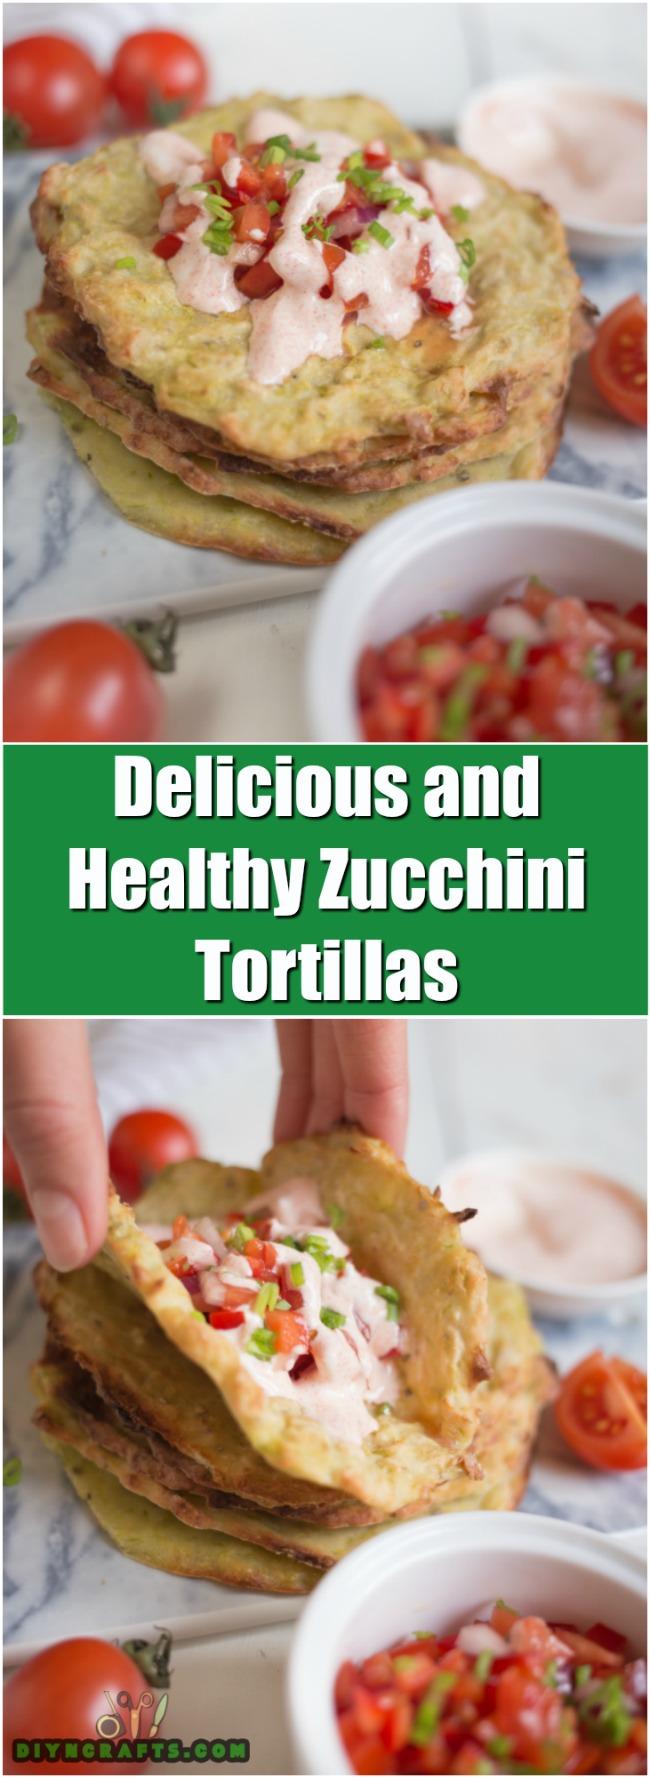 Diese einfach zu Zucchini Tortillas sind gesund und lecker